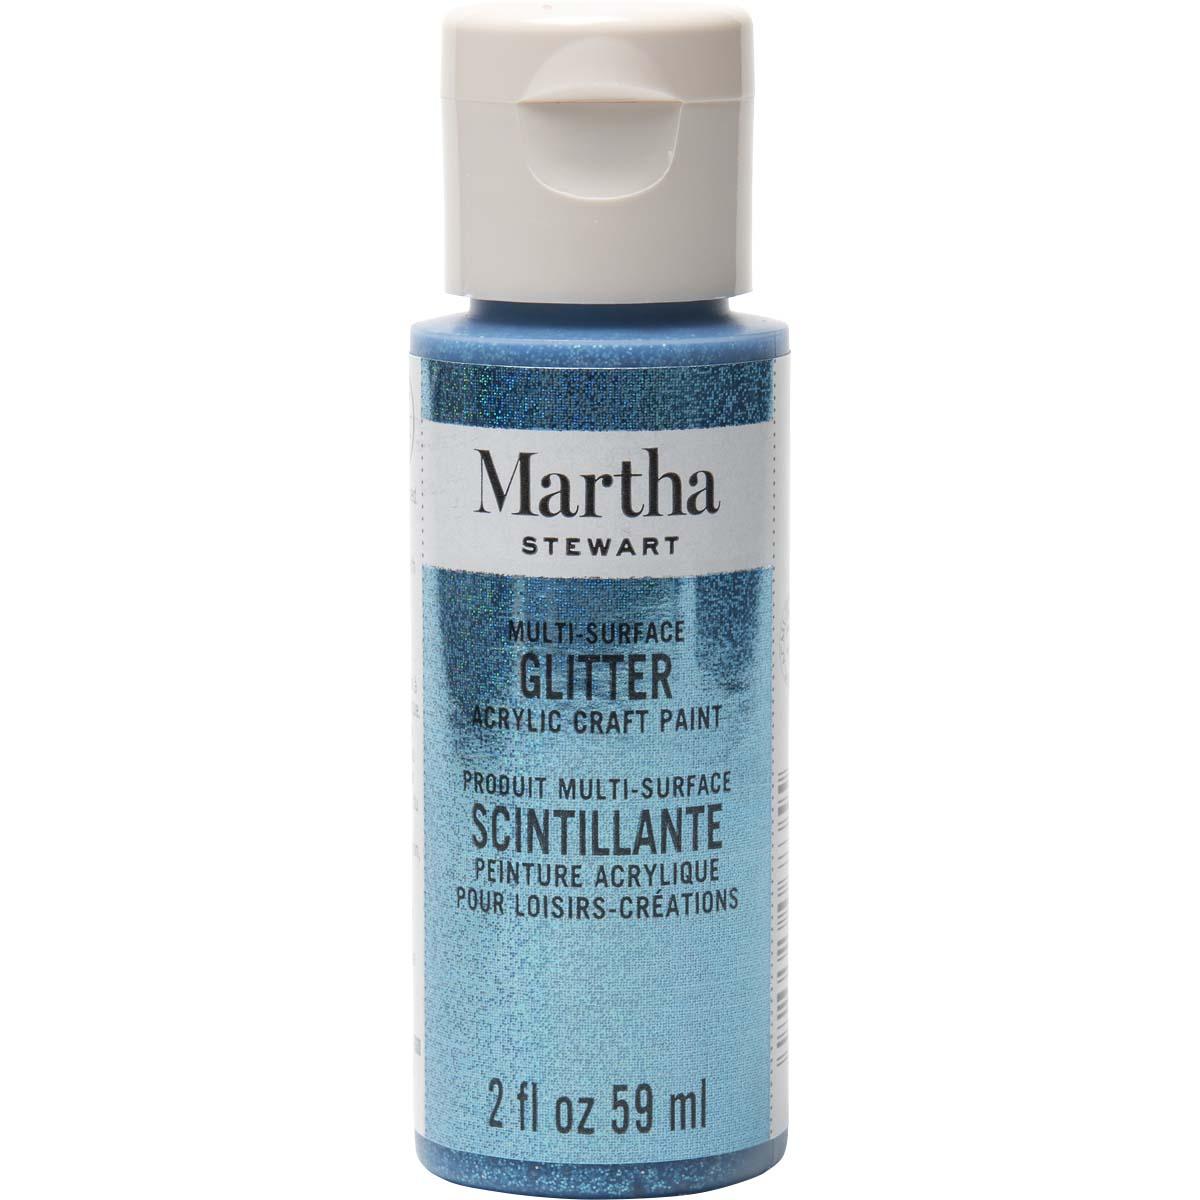 Martha Stewart® 2oz Multi-Surface Glitter Acrylic Craft Paint - Lapis Lazuli